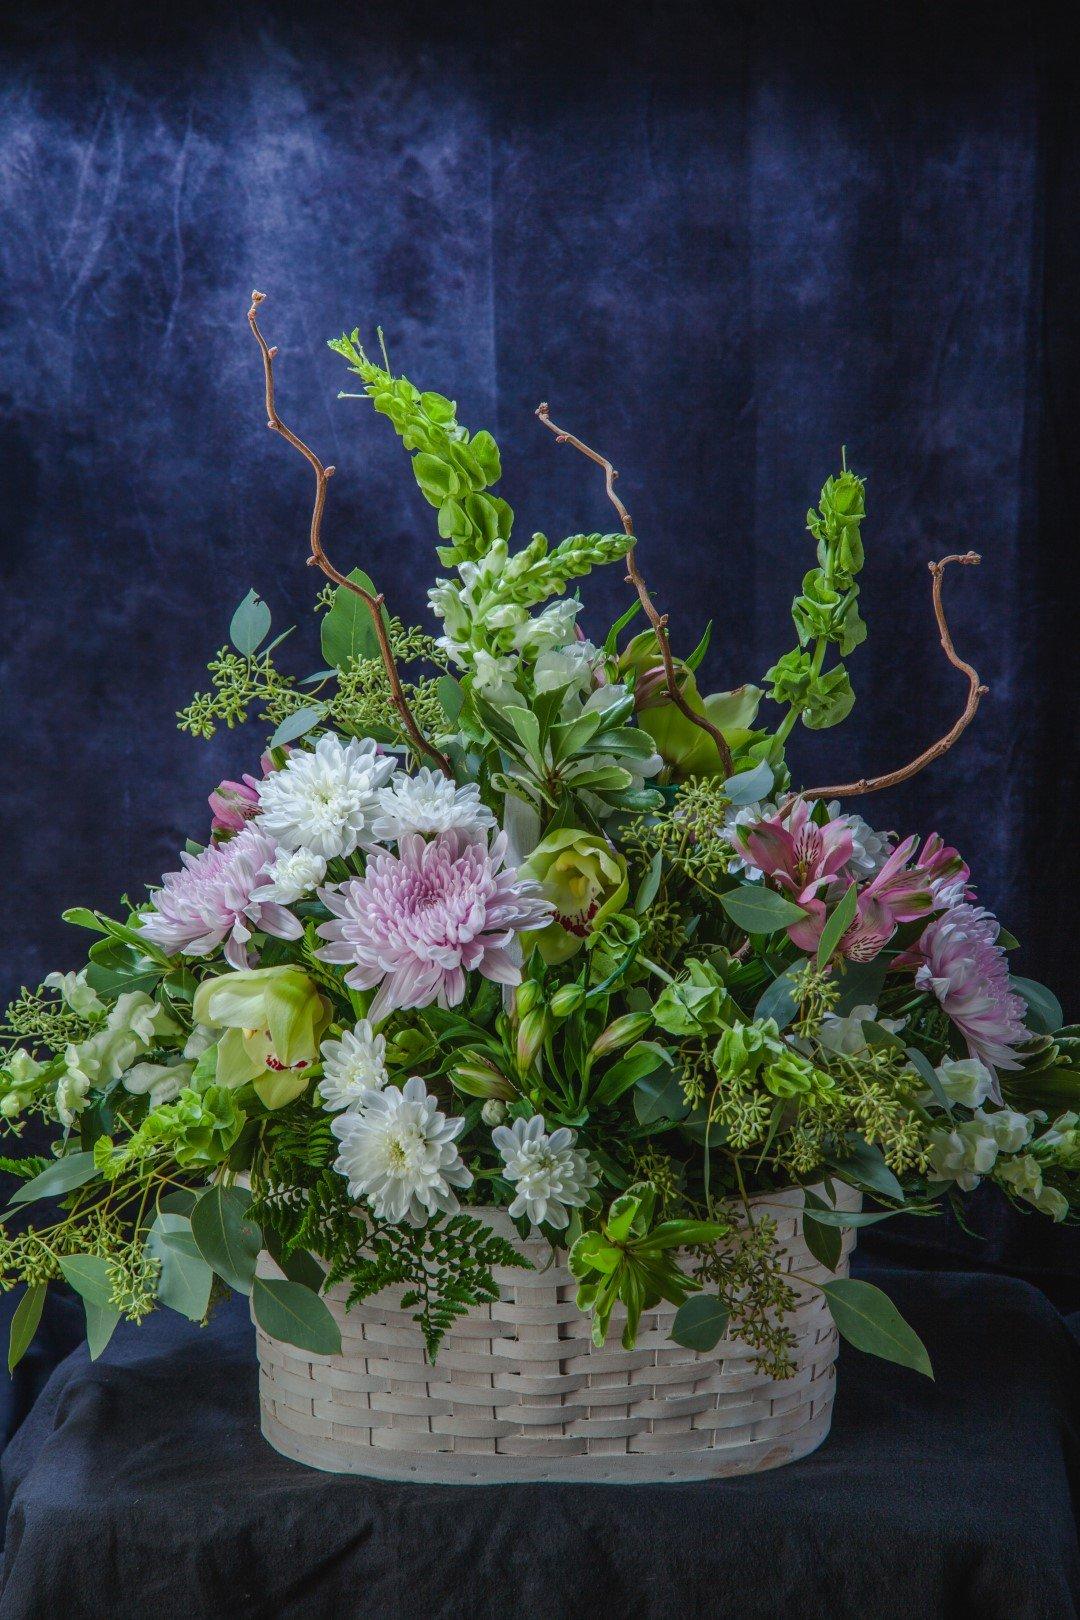 https://0901.nccdn.net/4_2/000/000/023/130/lcp-flowers-aug14-2020-6239.jpg